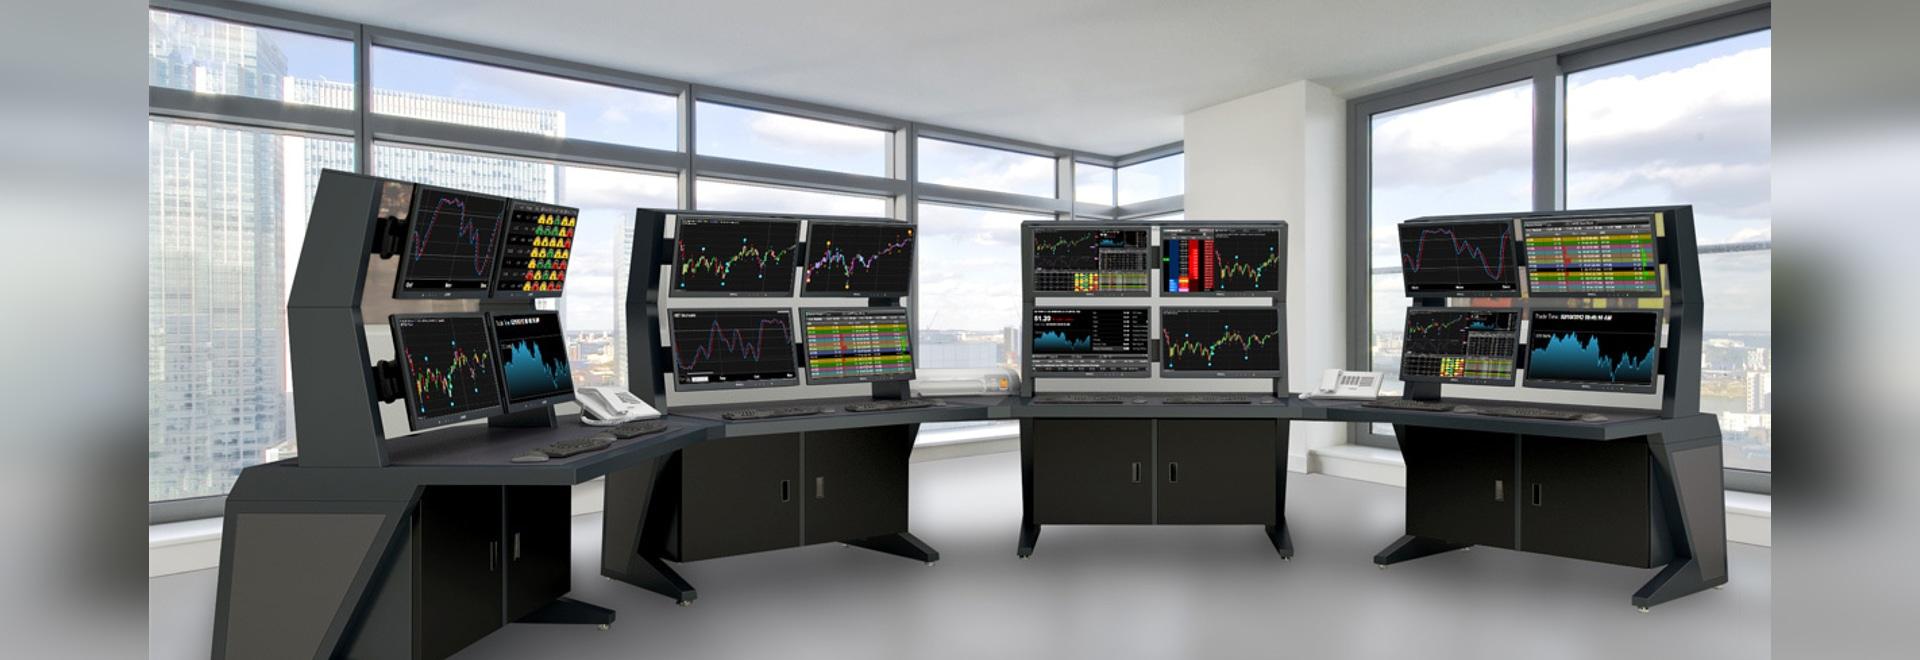 ImageVision, Inc. señala la extensión en mercado financiero con los escritorios de los comerciantes